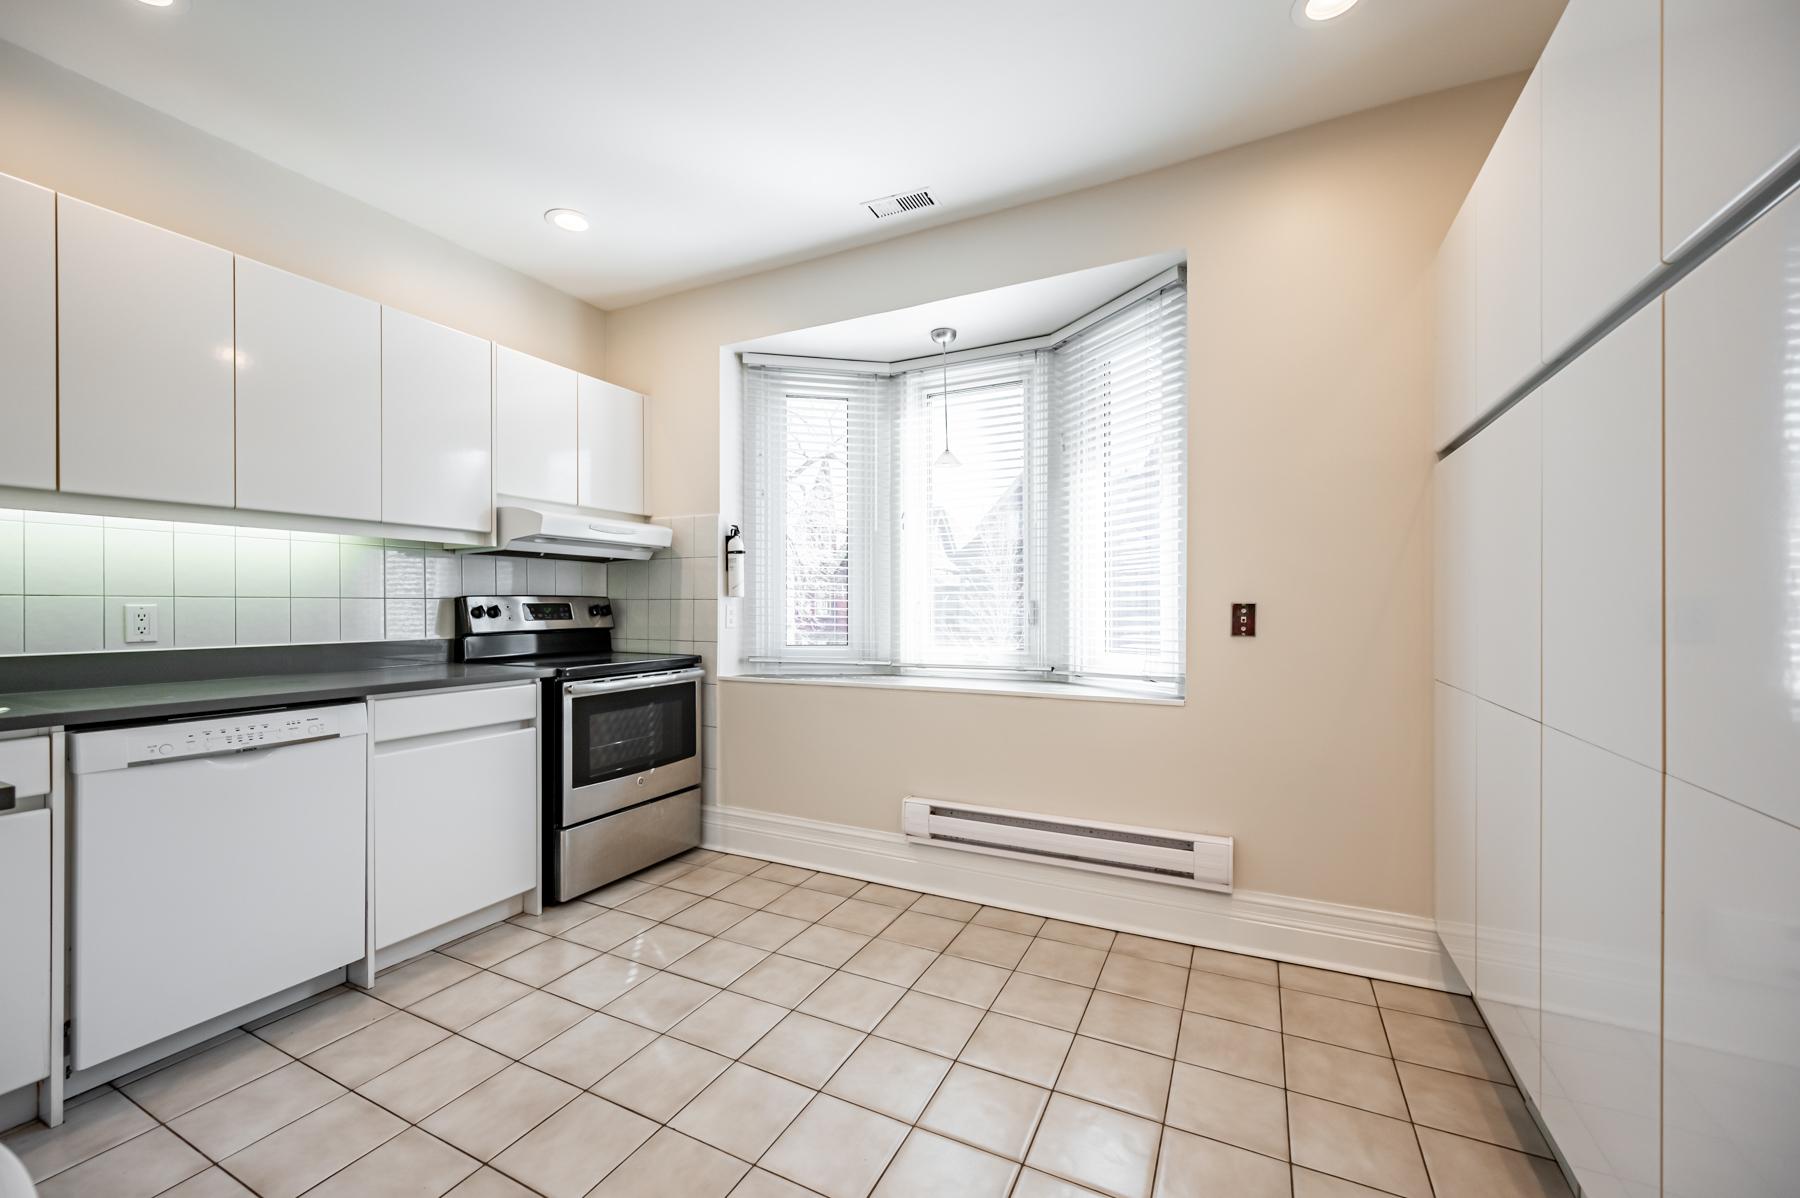 Kitchen with bay windows.